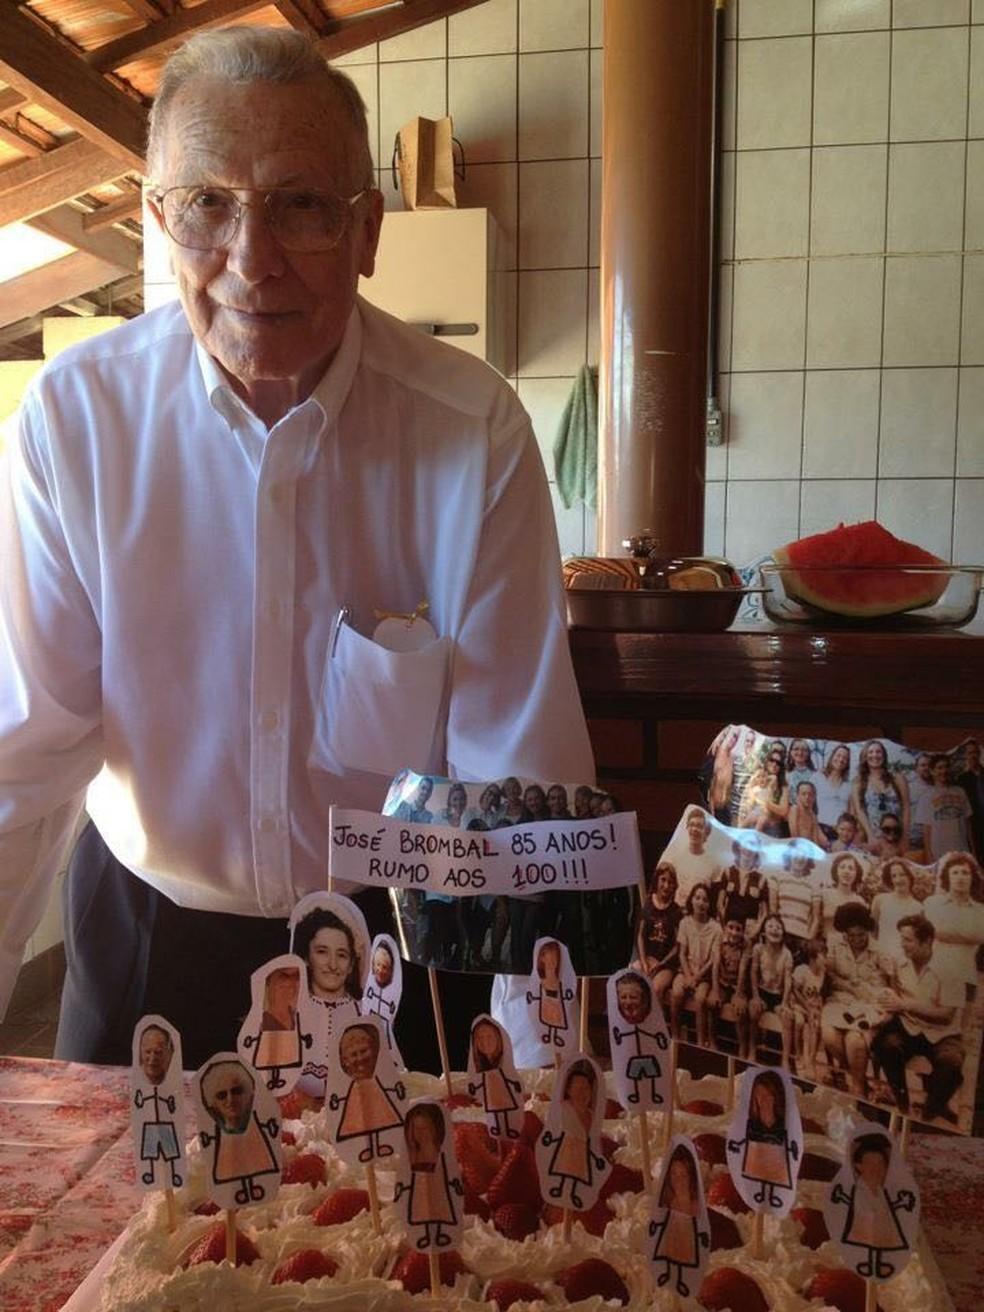 Padre José Brombral comemorando seu aniversário de 85 anos (Foto: Arquivo Pessoal)